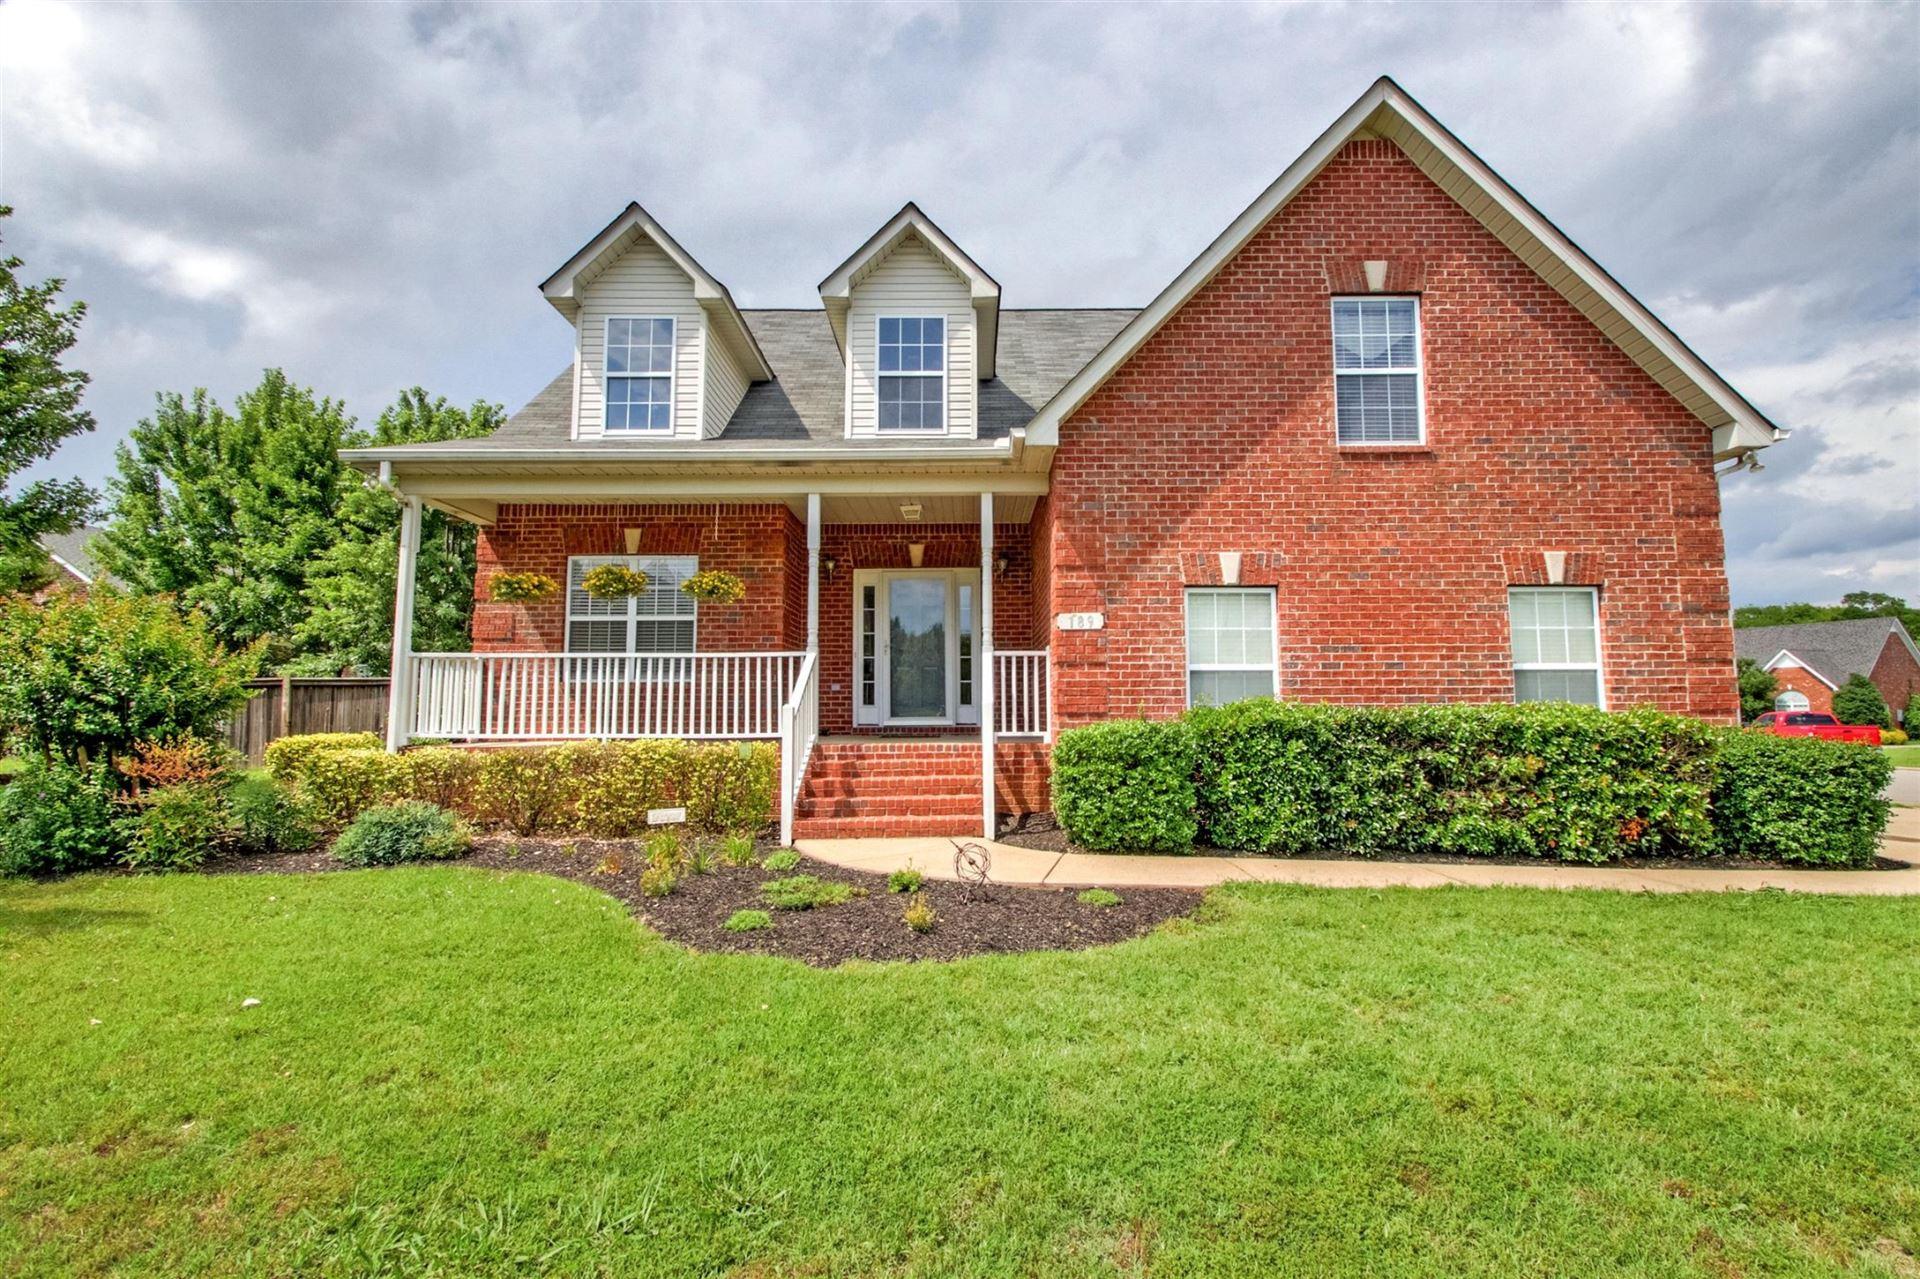 189 Red Jacket Trce, Murfreesboro, TN 37127 - MLS#: 2226130